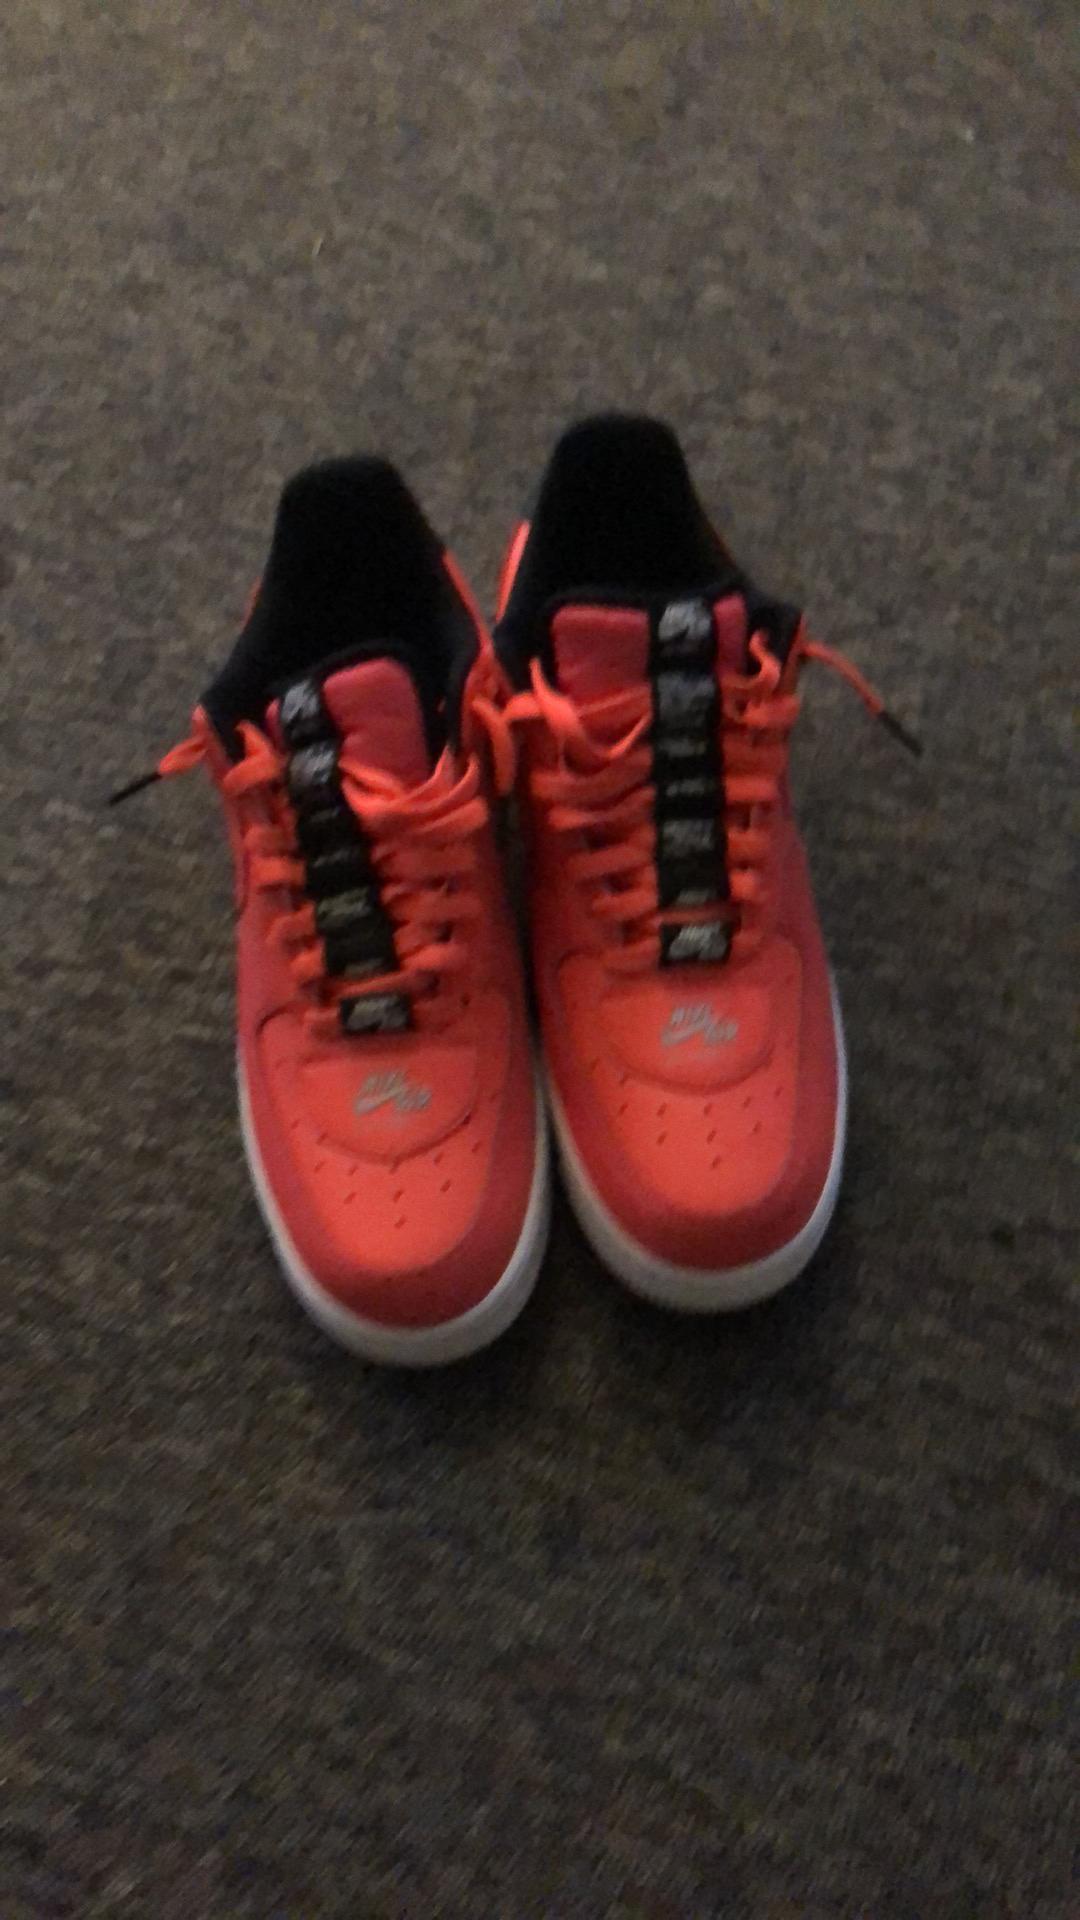 Nike - $210 - Size 7.5